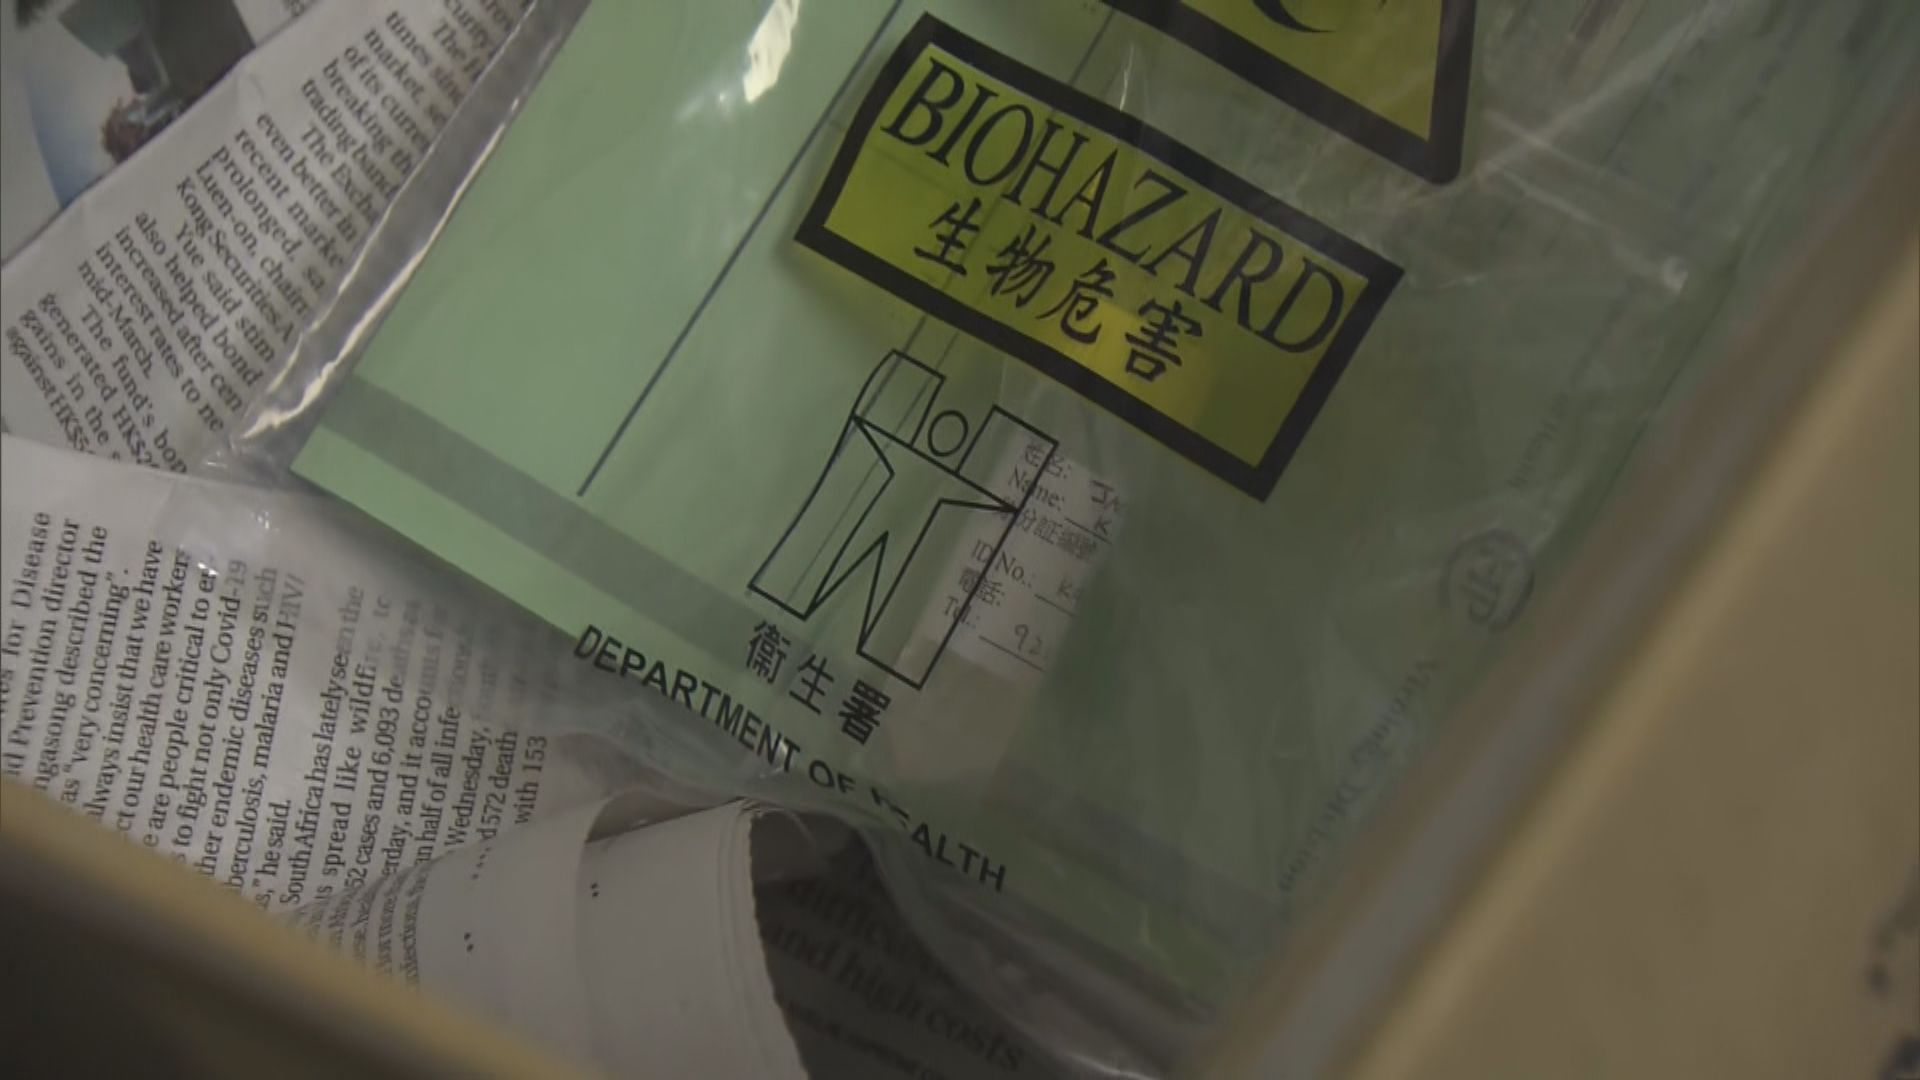 泰籍女子確診 衞生防護中心到豪麗大廈收回樣本瓶